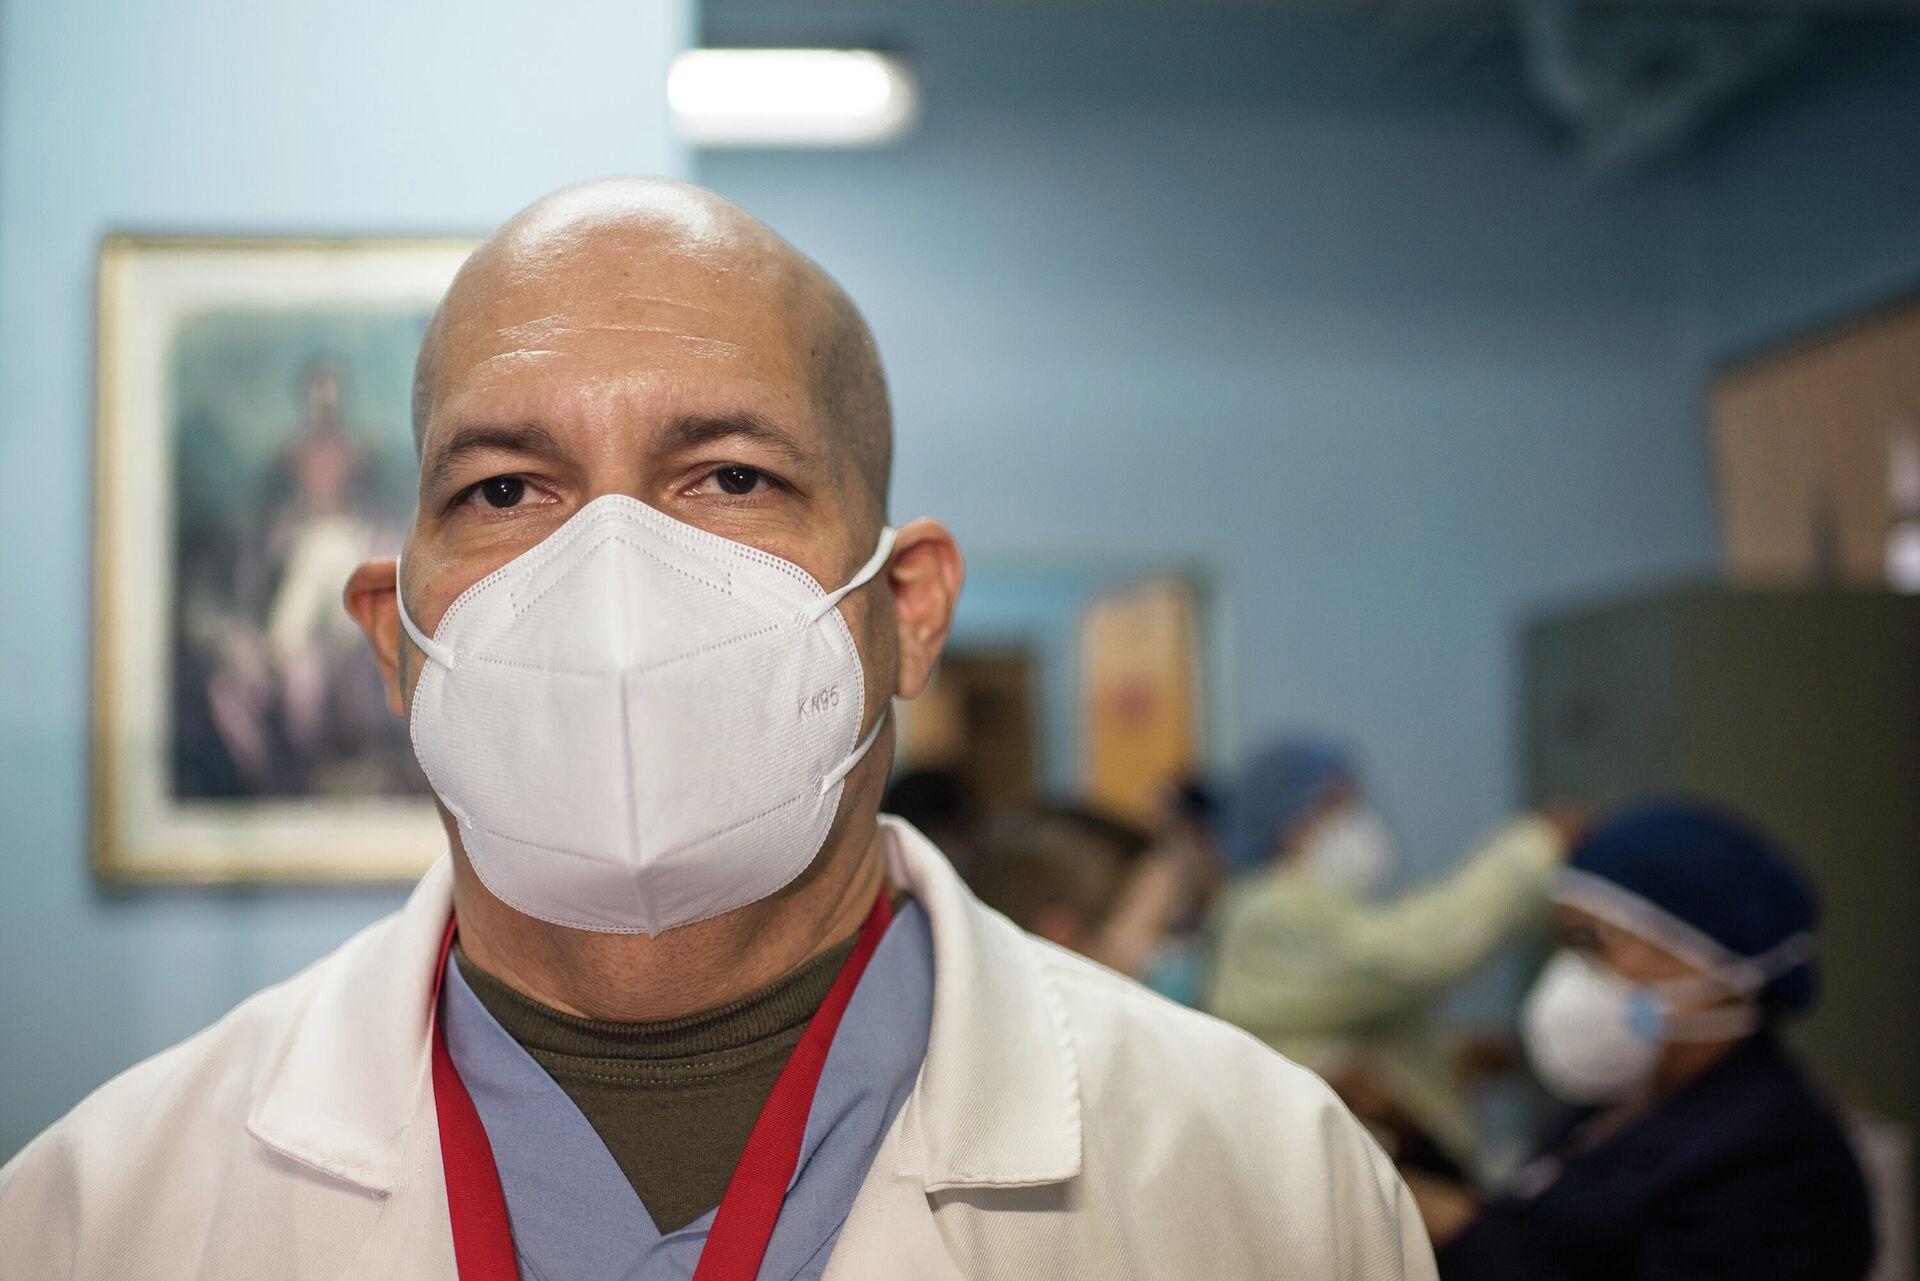 Jairo Silva, director del primer hospital habilitado para la atención de pacientes COVID-19 en Venezuela - Sputnik Mundo, 1920, 10.03.2021